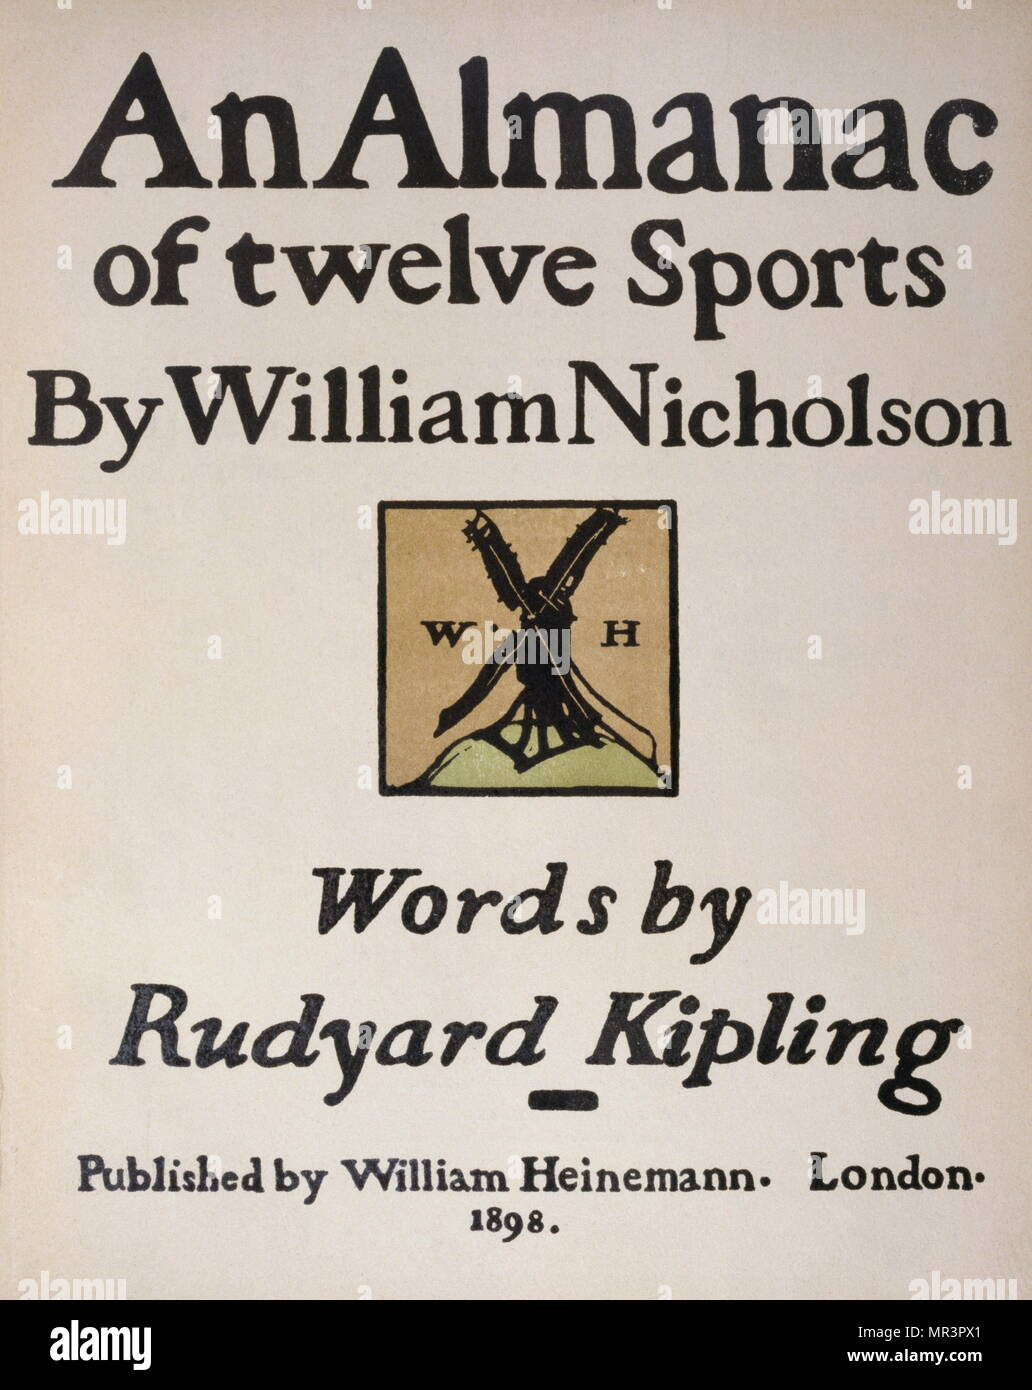 dca47dd0f Titolo pagina del Almanacco dei dodici sport, 1898, da Rudyard Kipling,  illustrata da Sir William Nicholson (1872 - 1949), pittore inglese,  conosciuto per ...